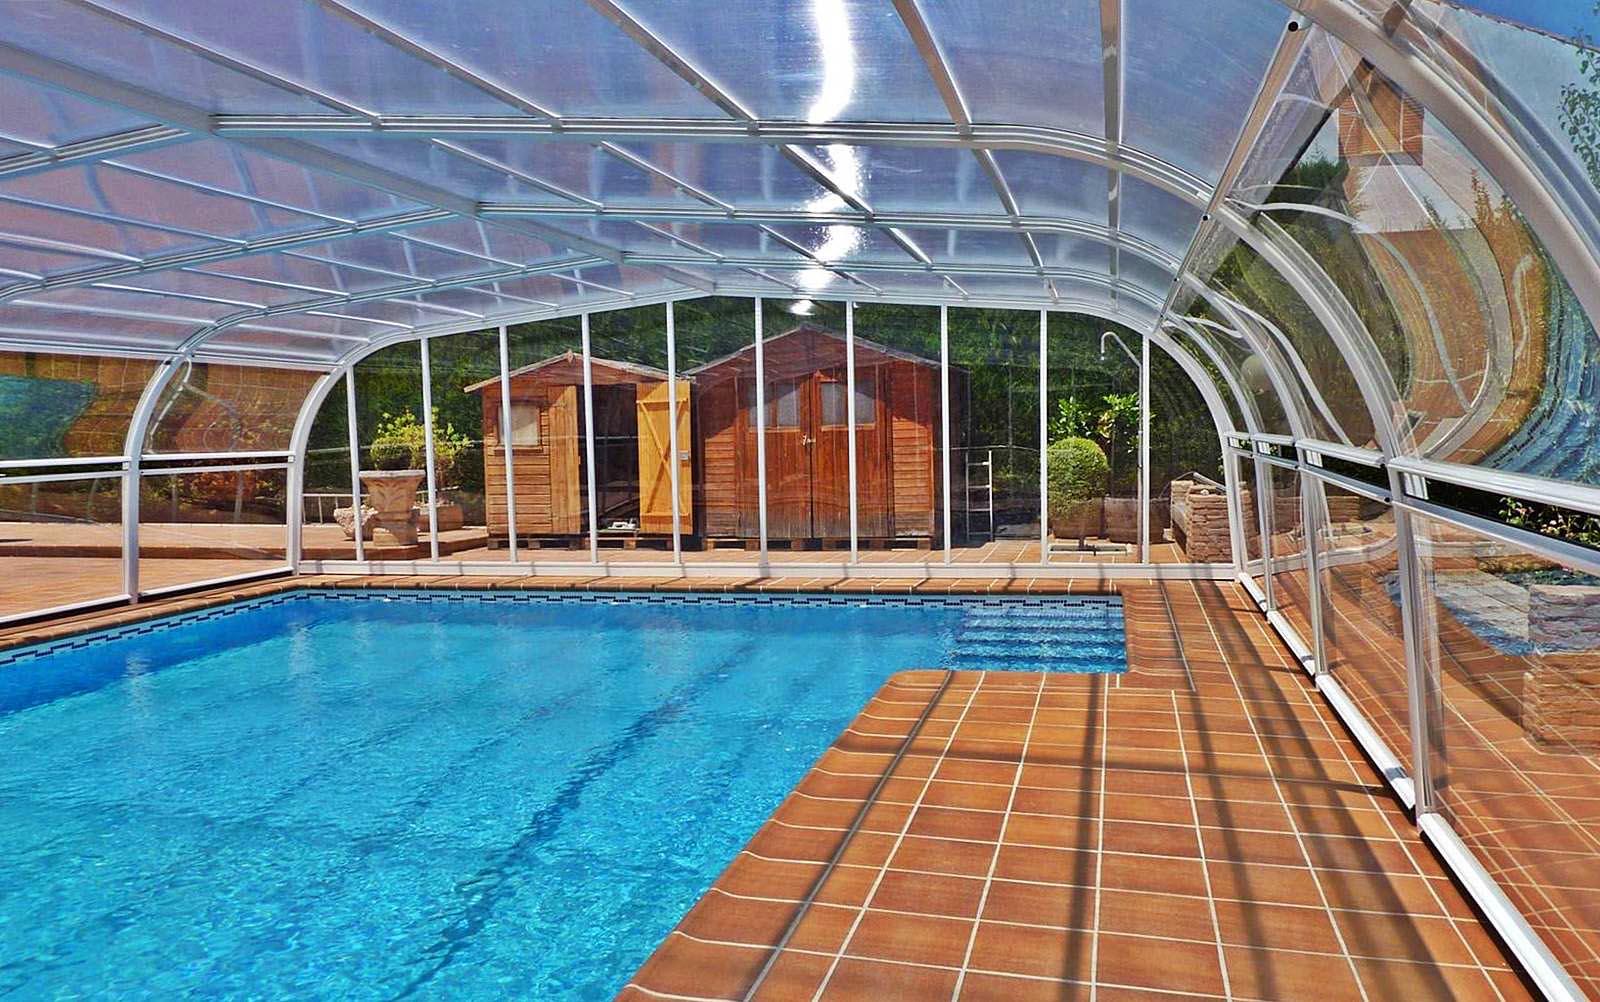 Cubierta de piscina fija verona refcovers - Cubierta de piscina ...